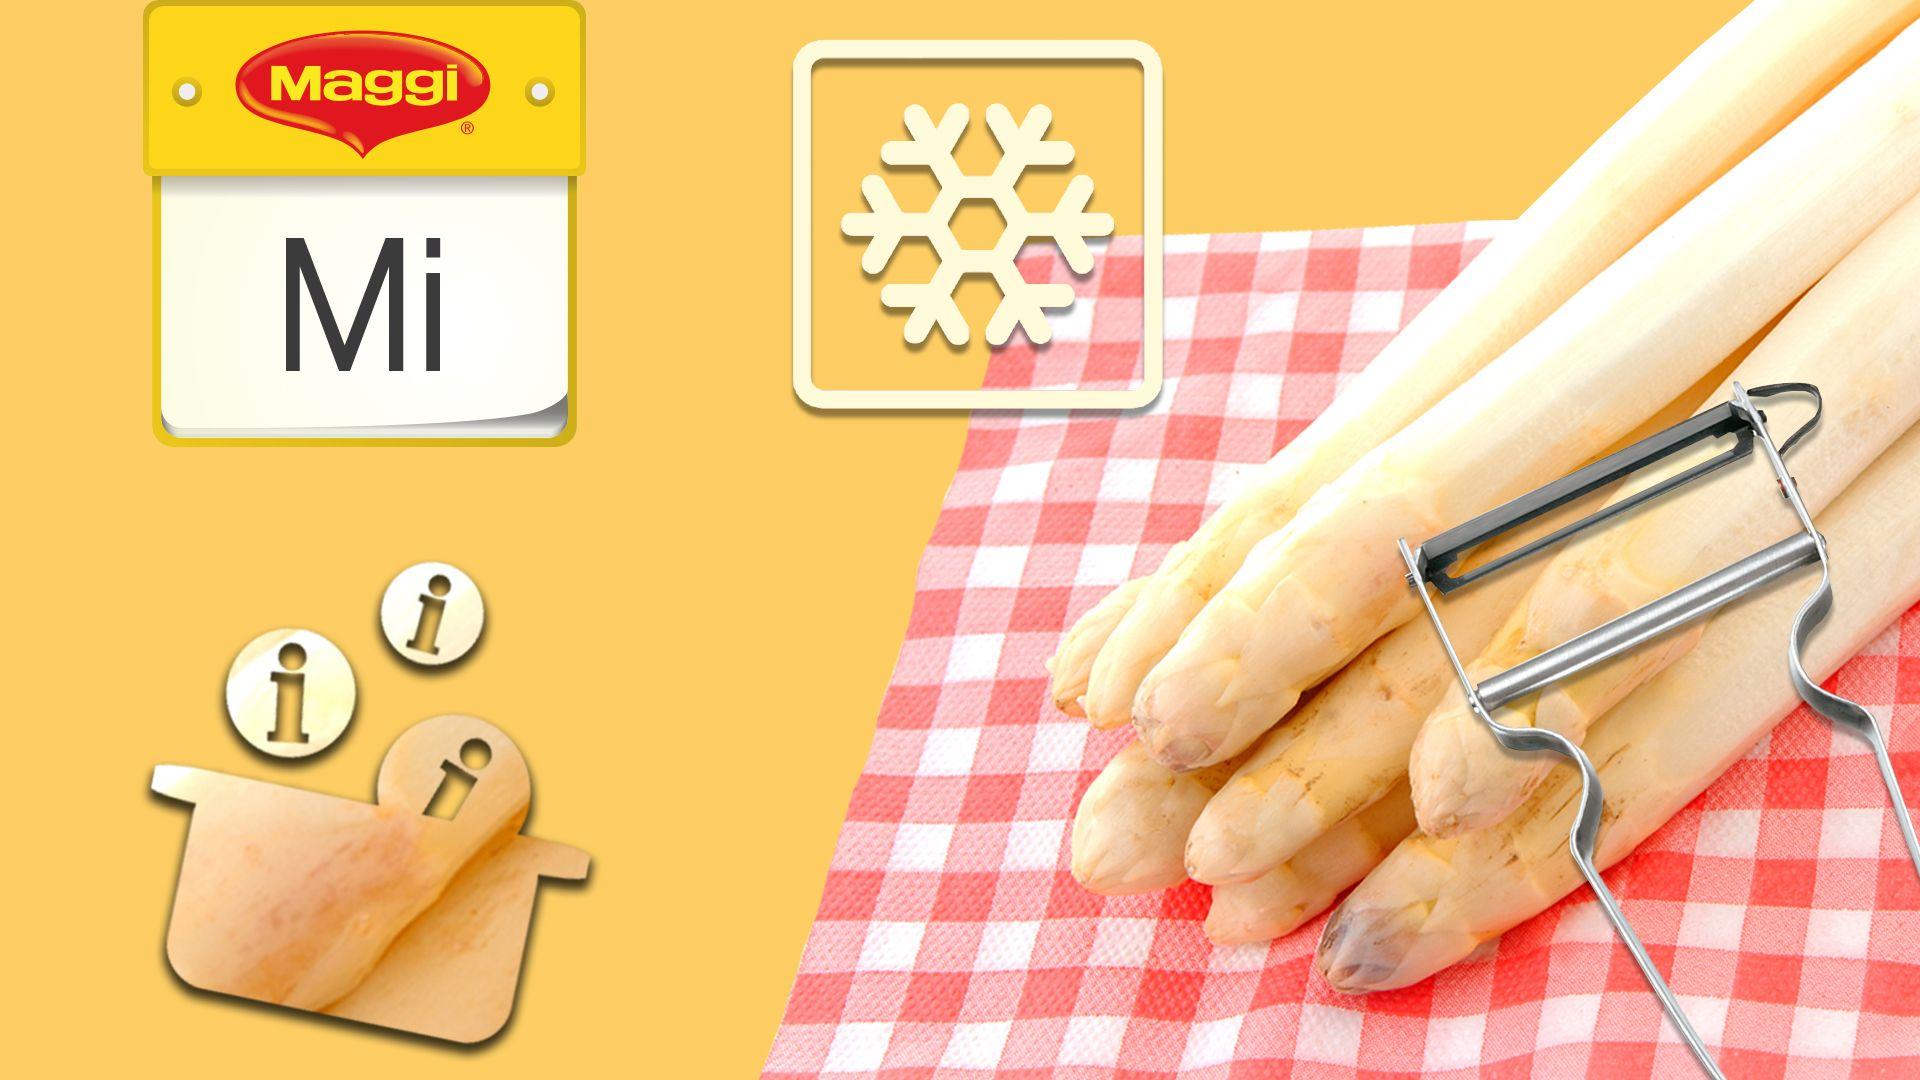 Wusstest du, dass man Spargel einfrieren kann? Erfahre hier interessante Fakten über Spargel!